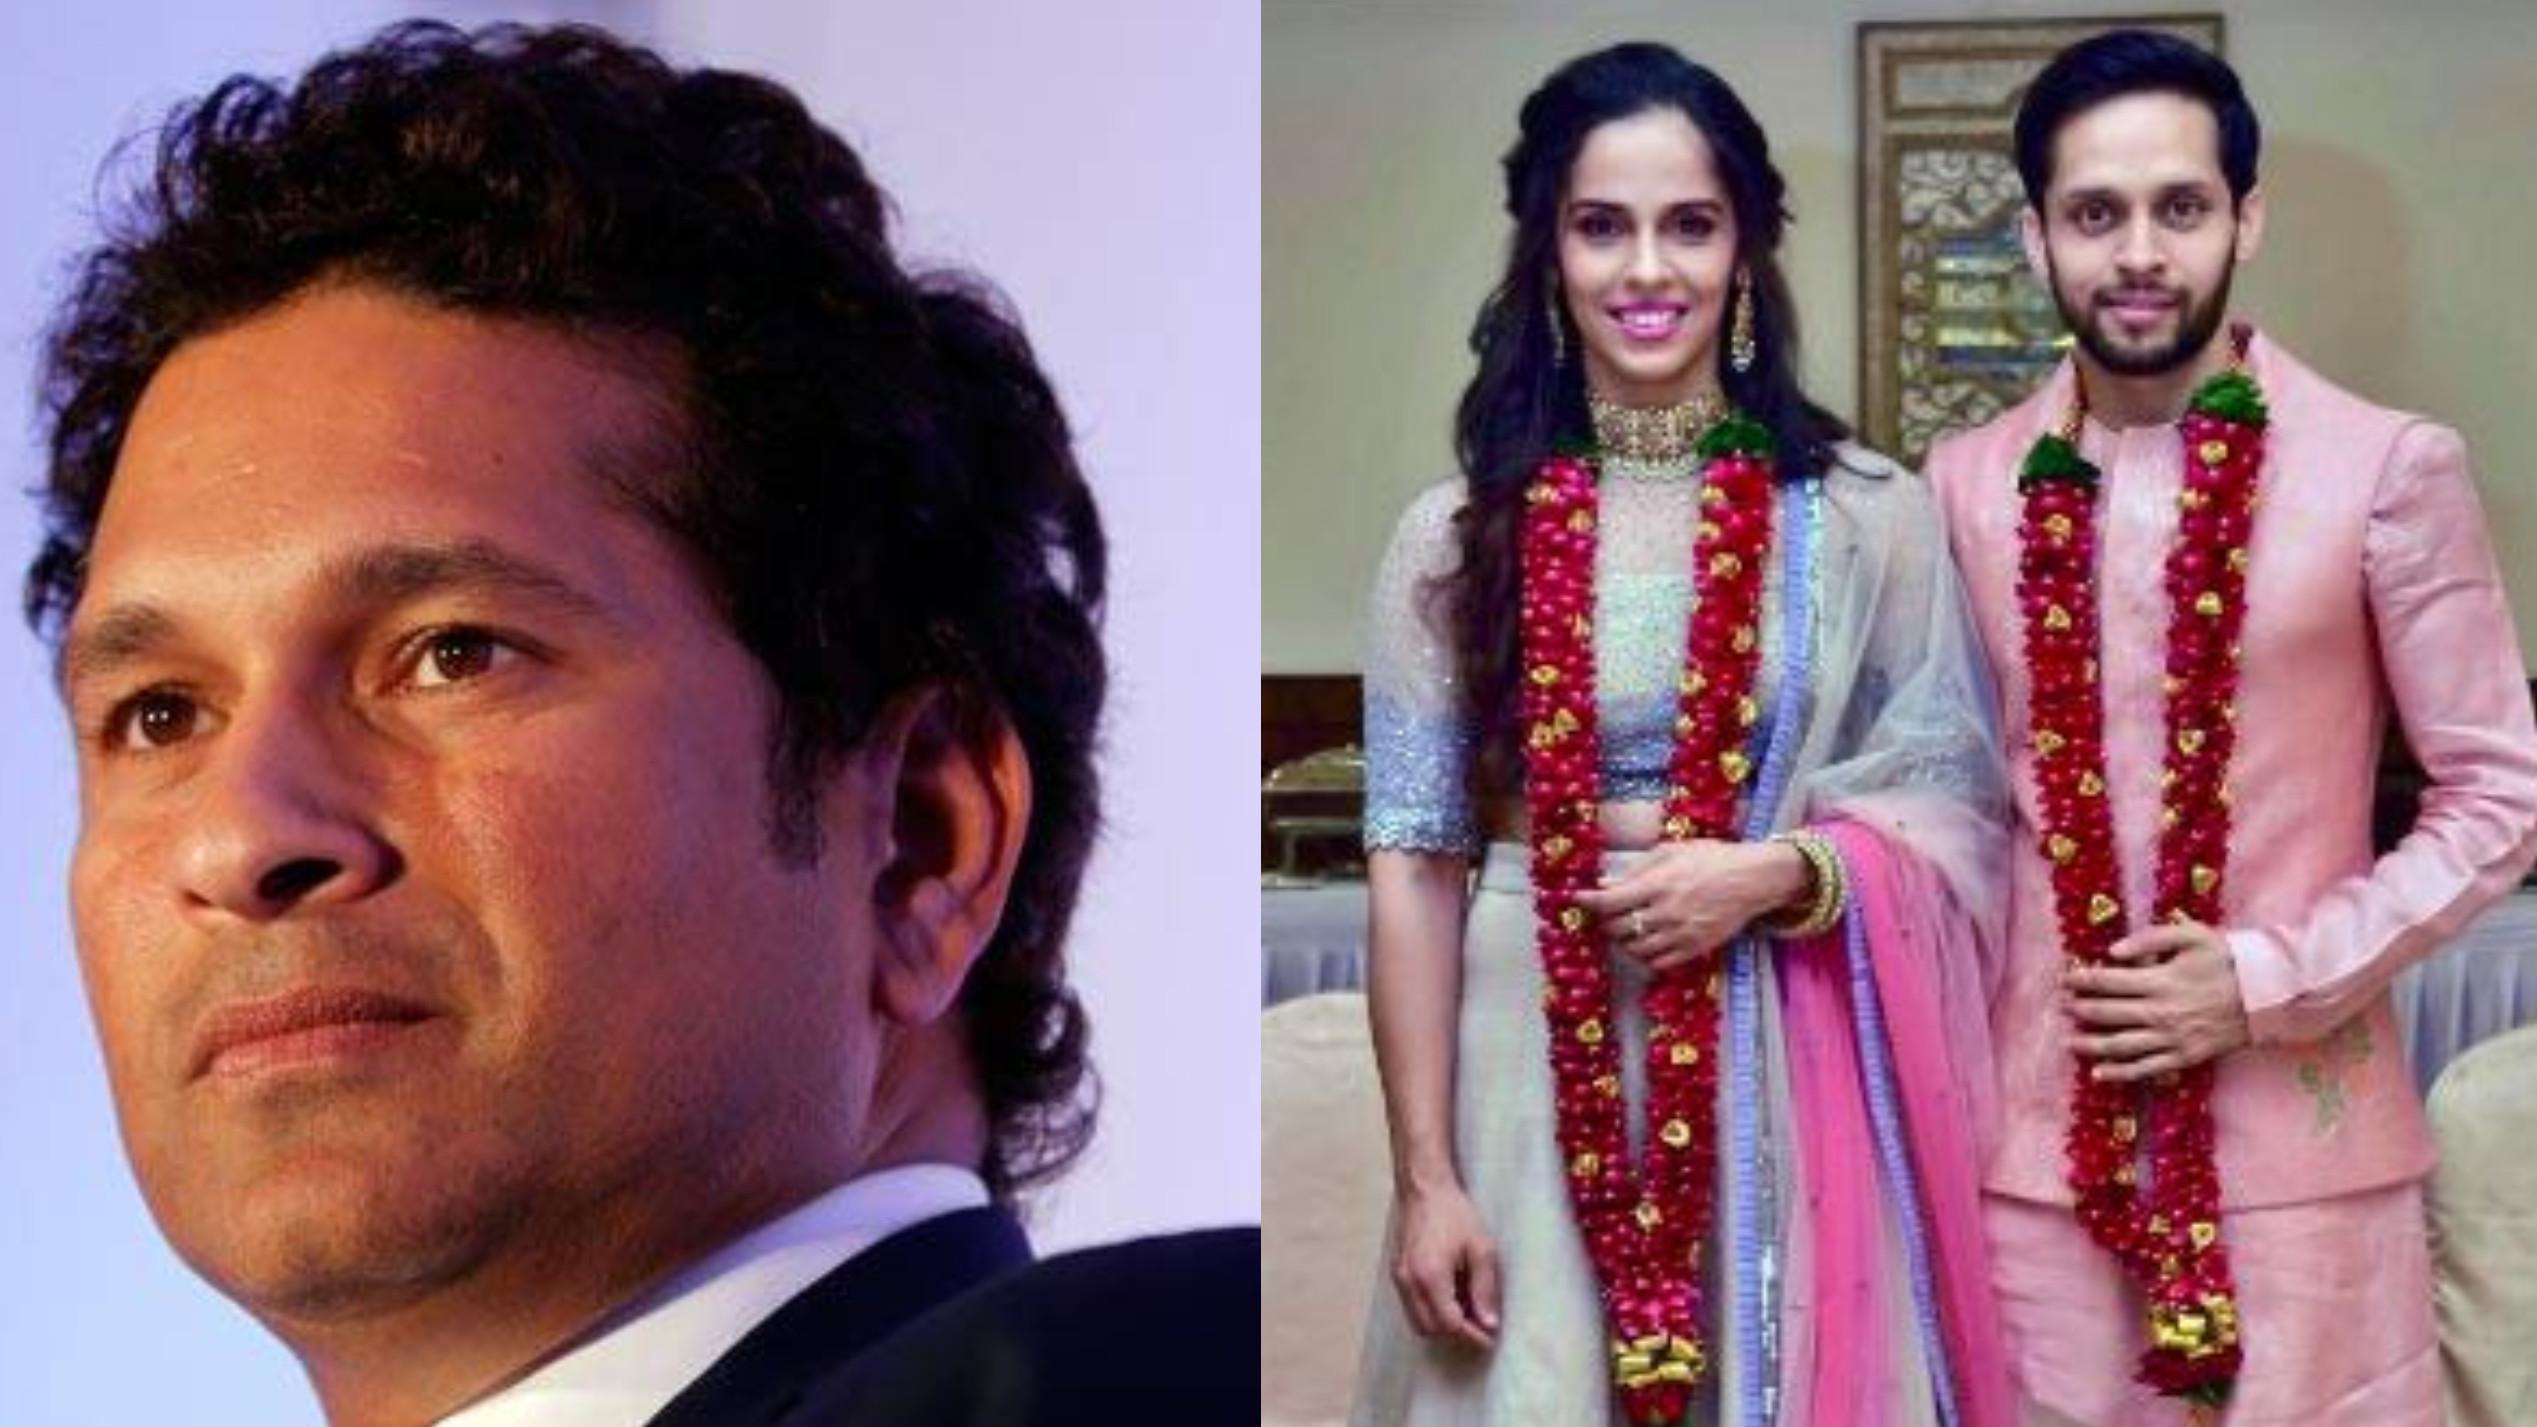 साइना नेहवाल और परुपल्ली कश्यप को शादी की बधाई देते समय सचिन तेंदुलकर ने की गलती और उड़ा मज़ाक